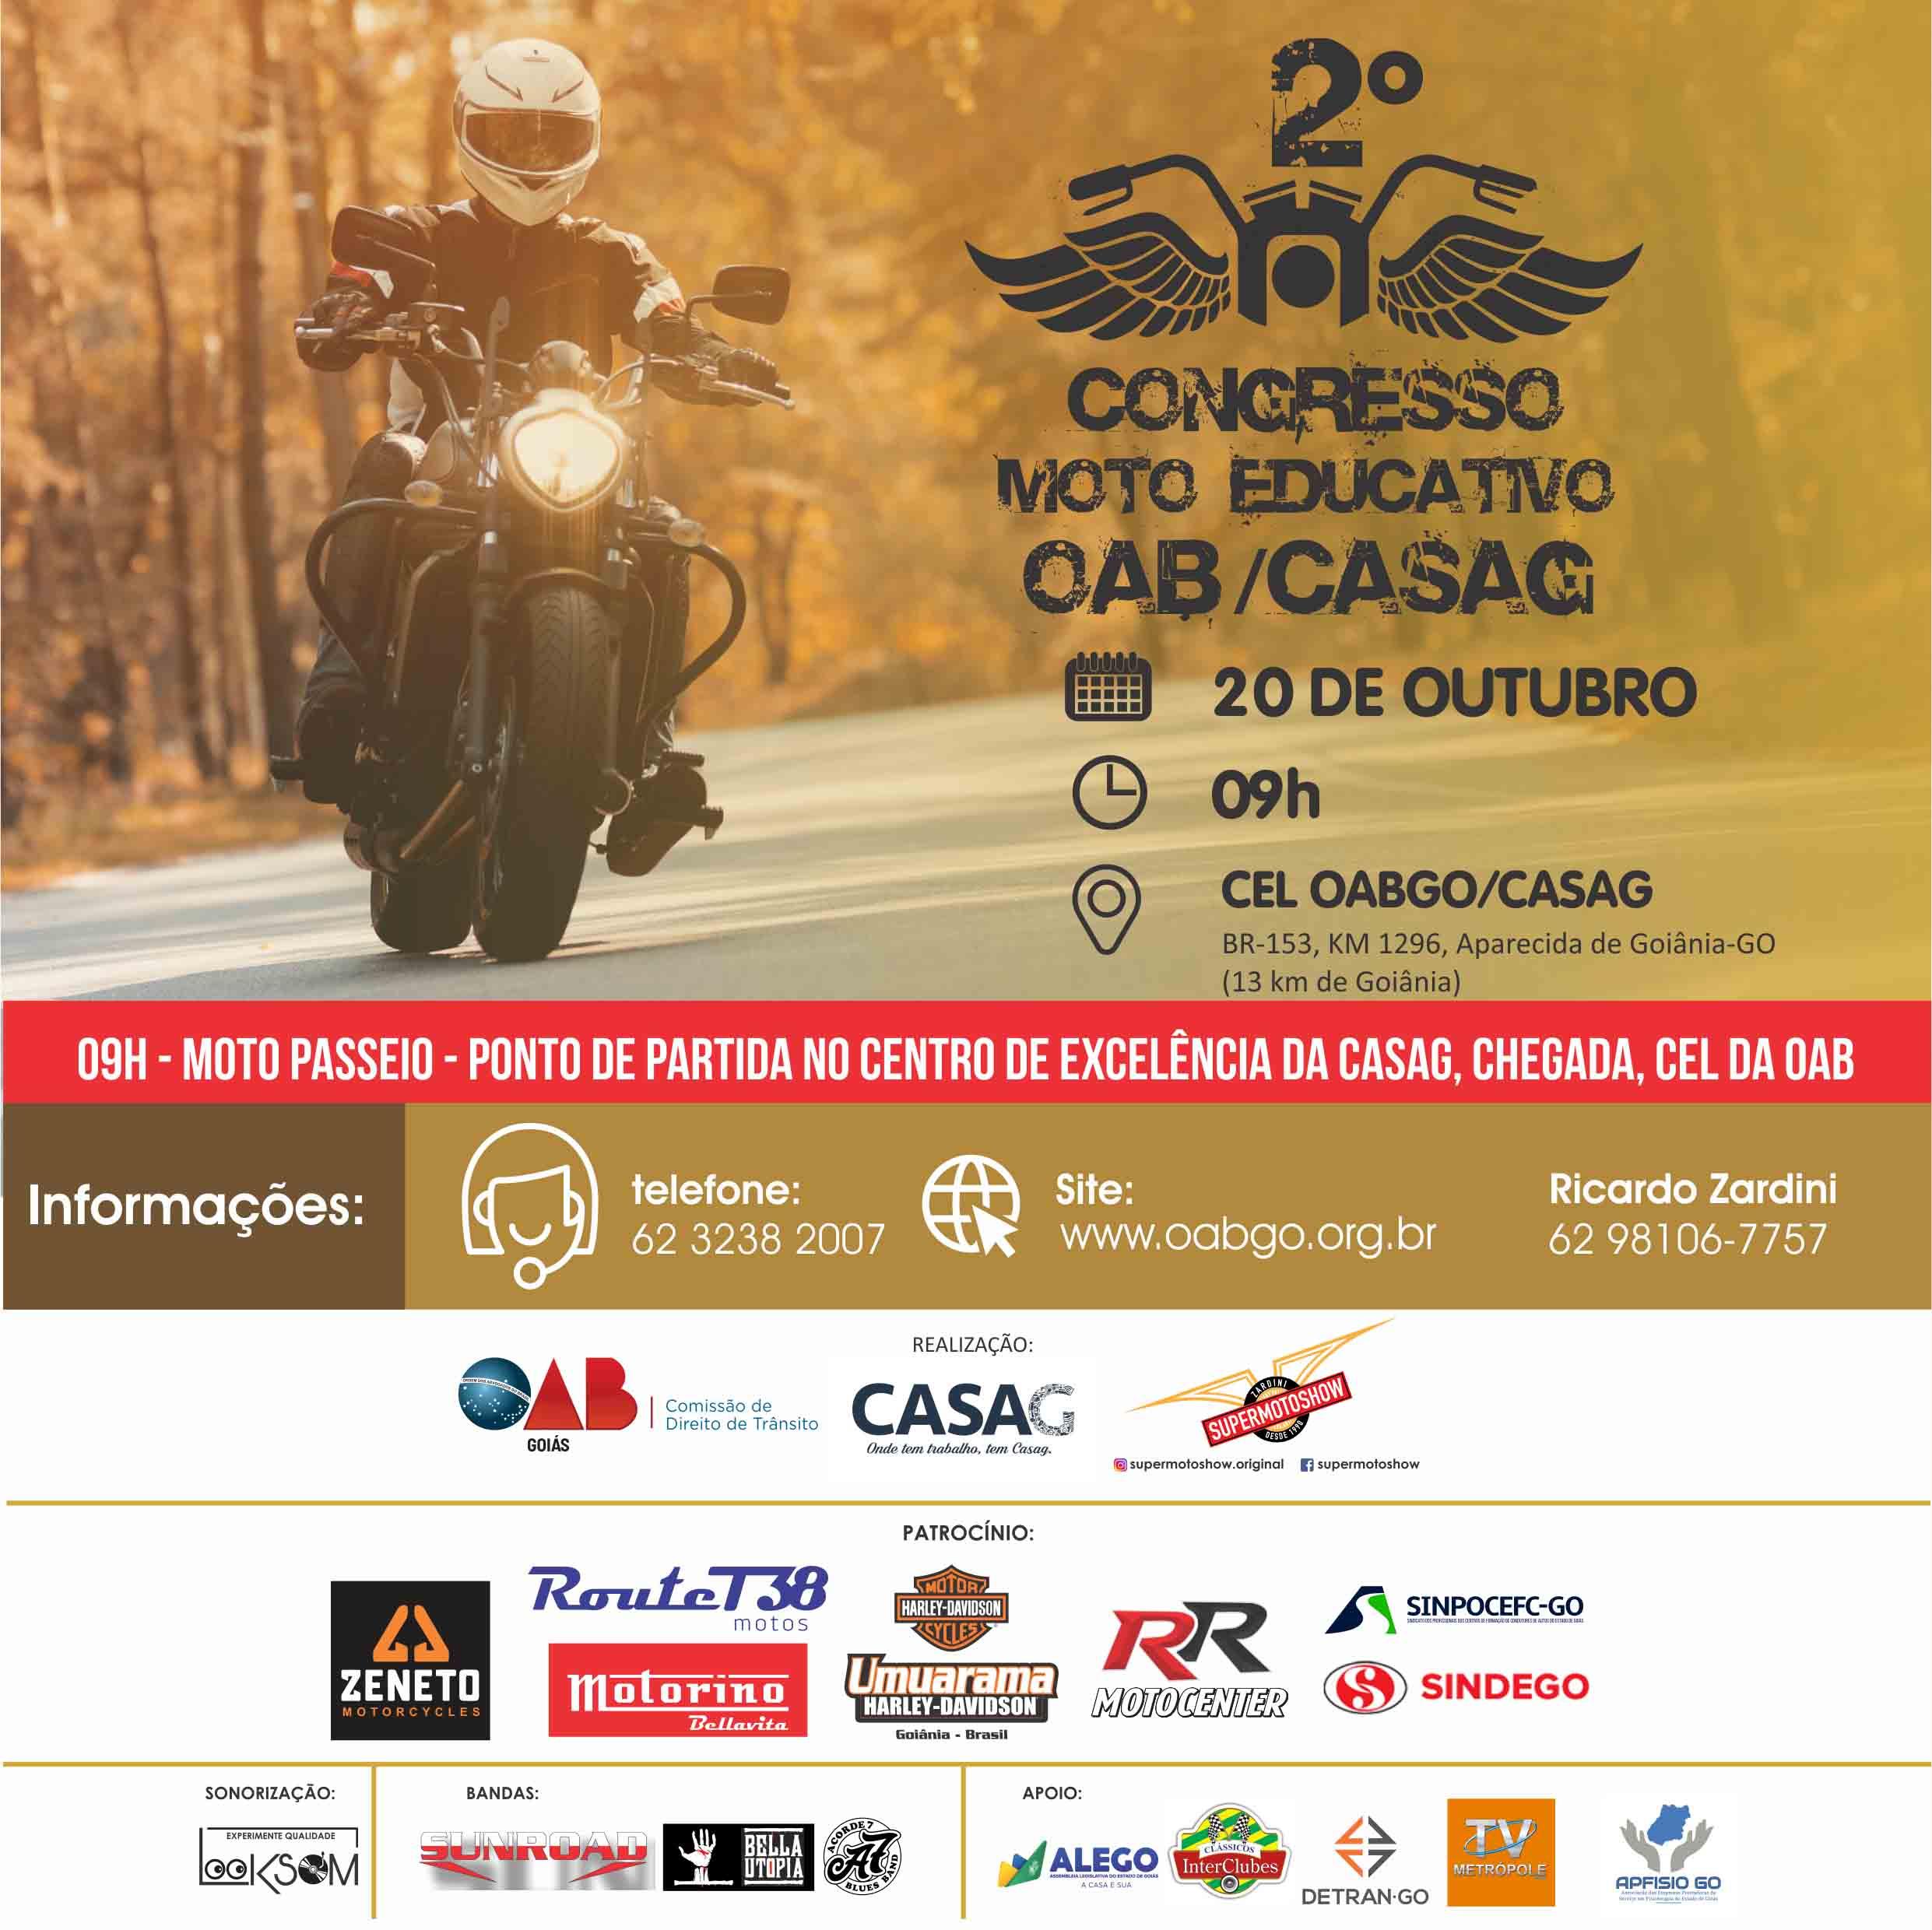 20.10 - 2º Congresso Moto Educativo